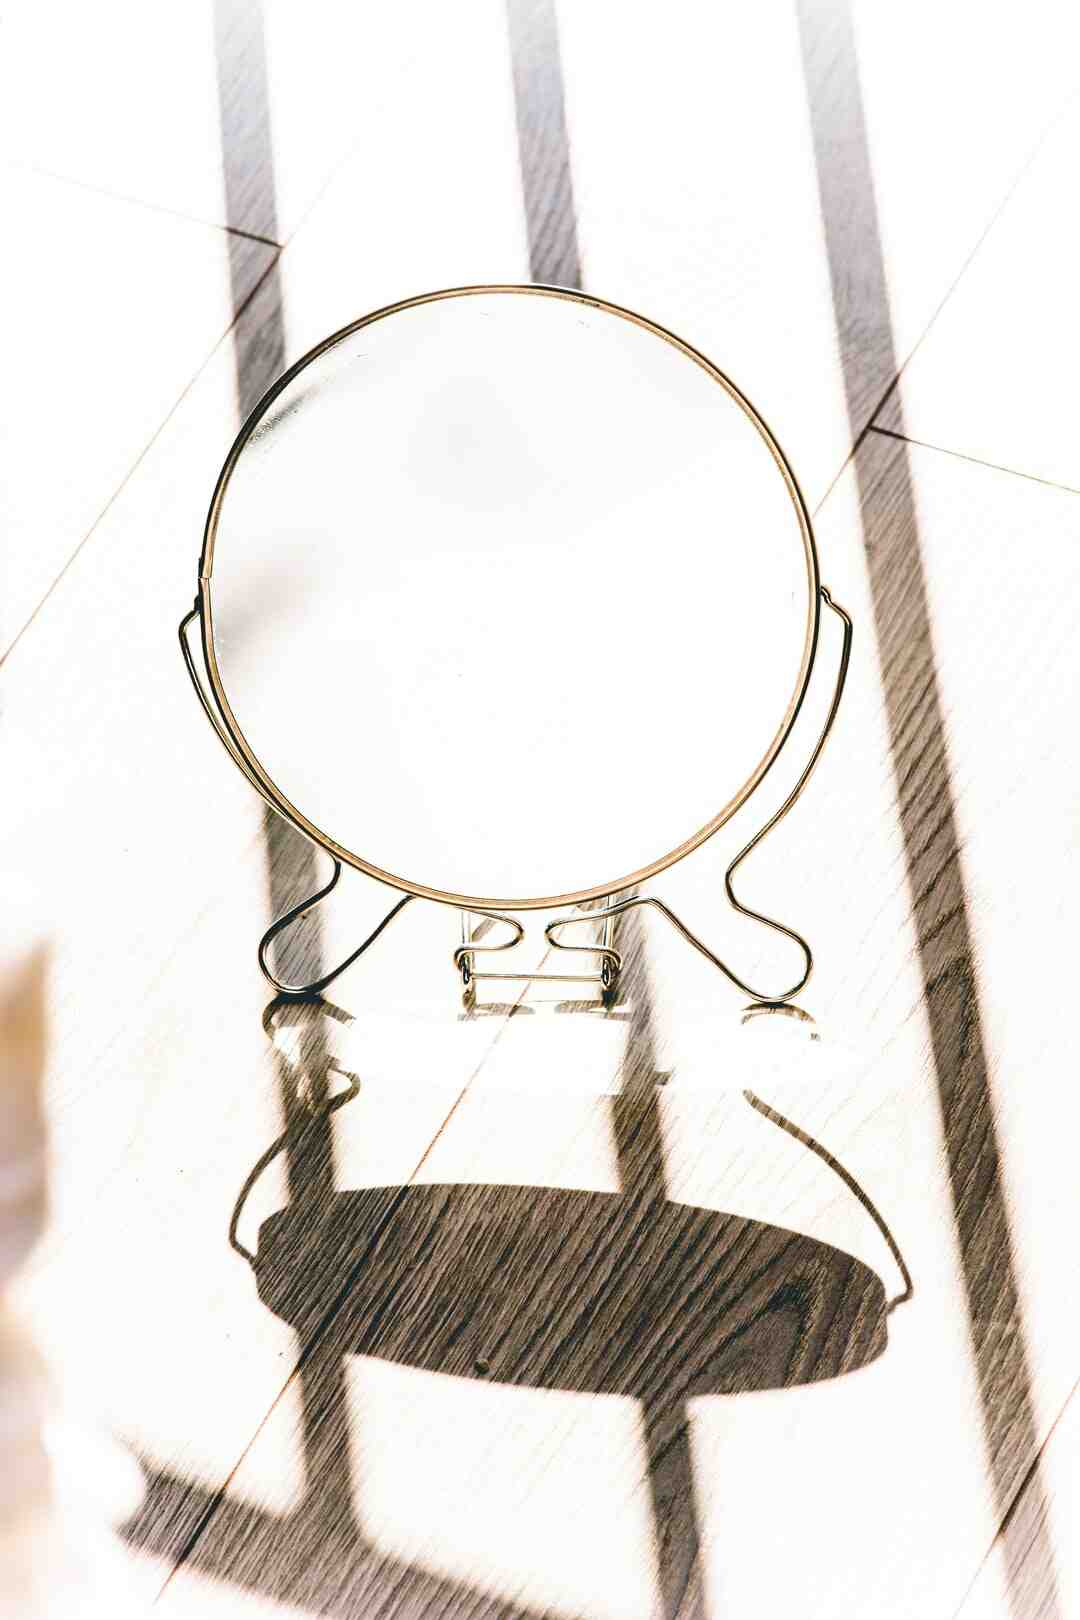 Comment faire tenir un miroir sur une porte ?